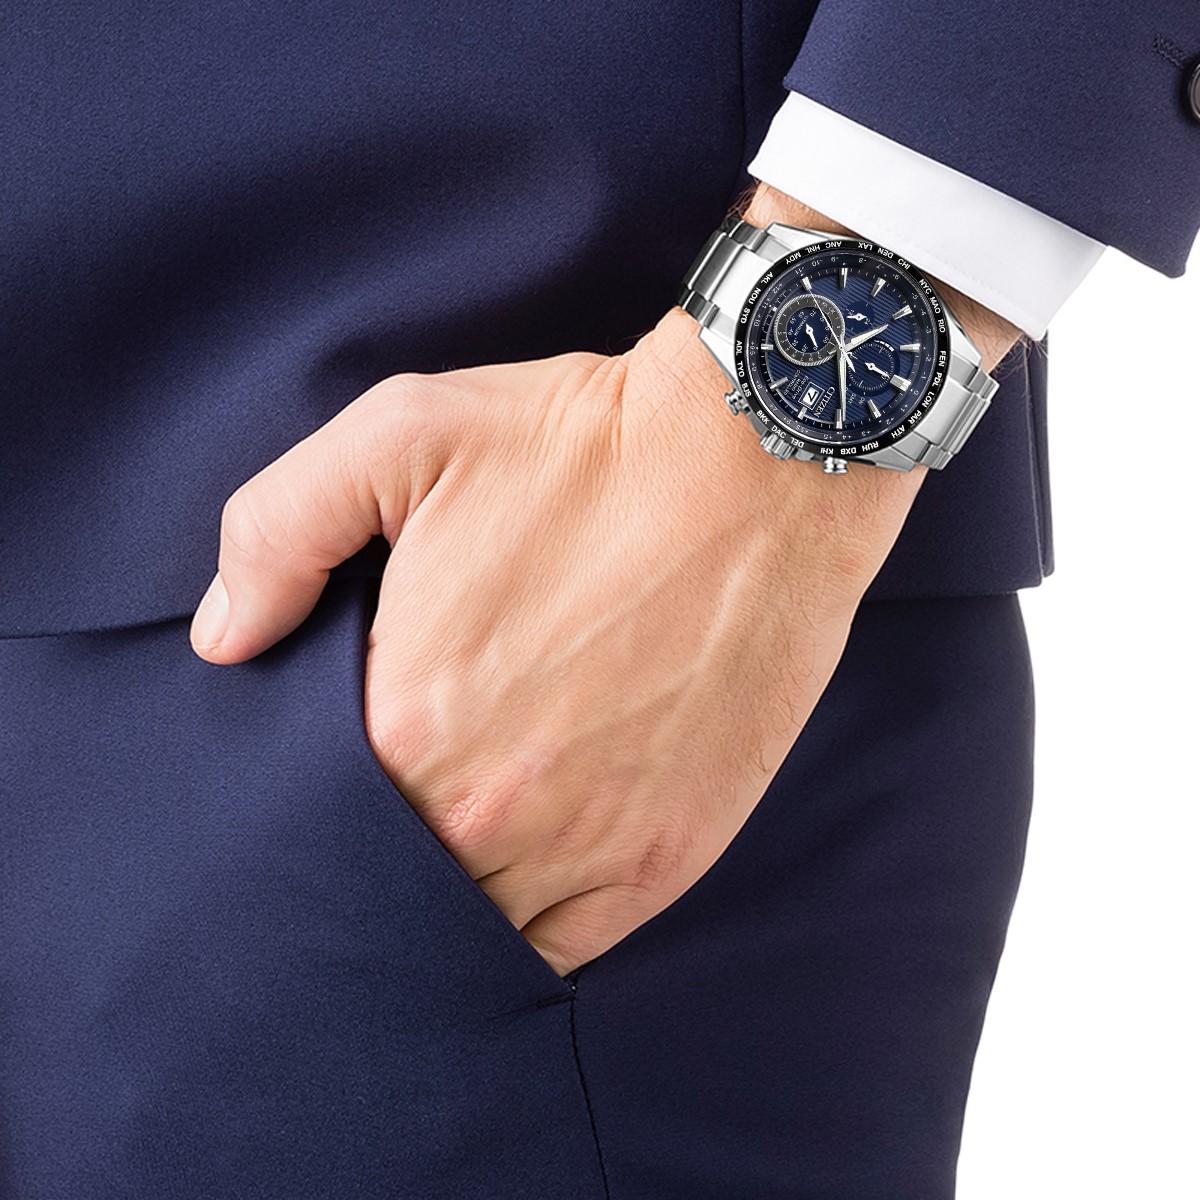 ساعت مچی عقربهای مردانه سیتی زن مدل AT8154-82L